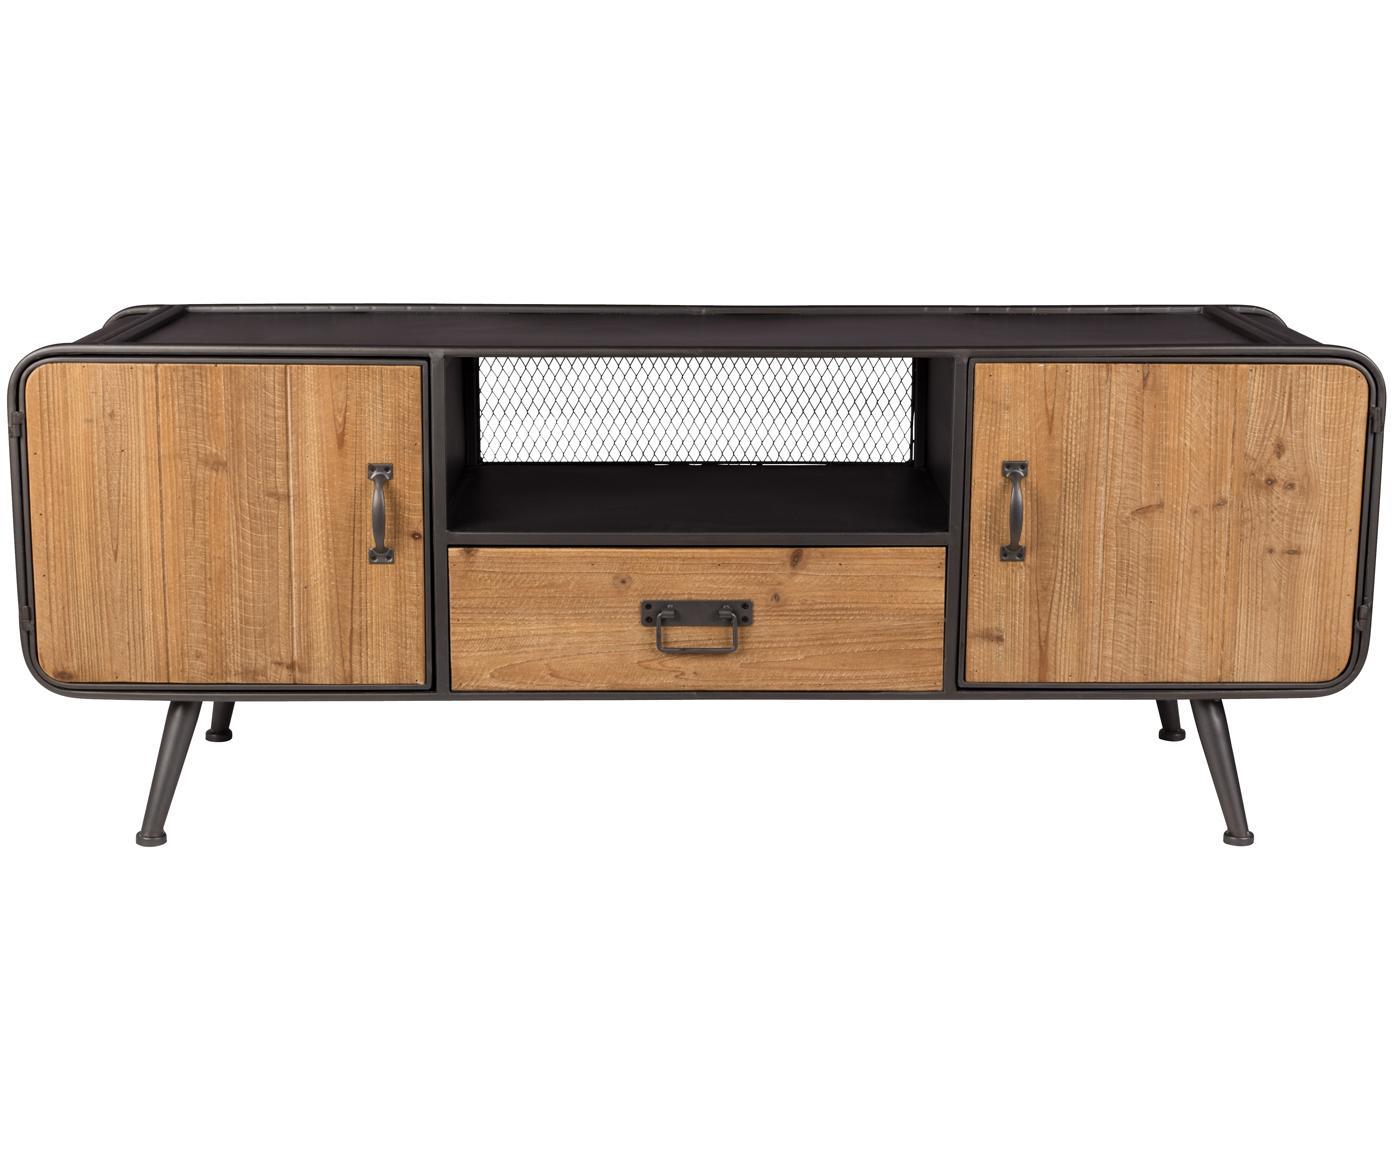 Aparador TV Gin, estilo industrial, Puertas, cajón: madera de abeto Estructura, tiradores y patas: gris, An 135 x Al 51 cm